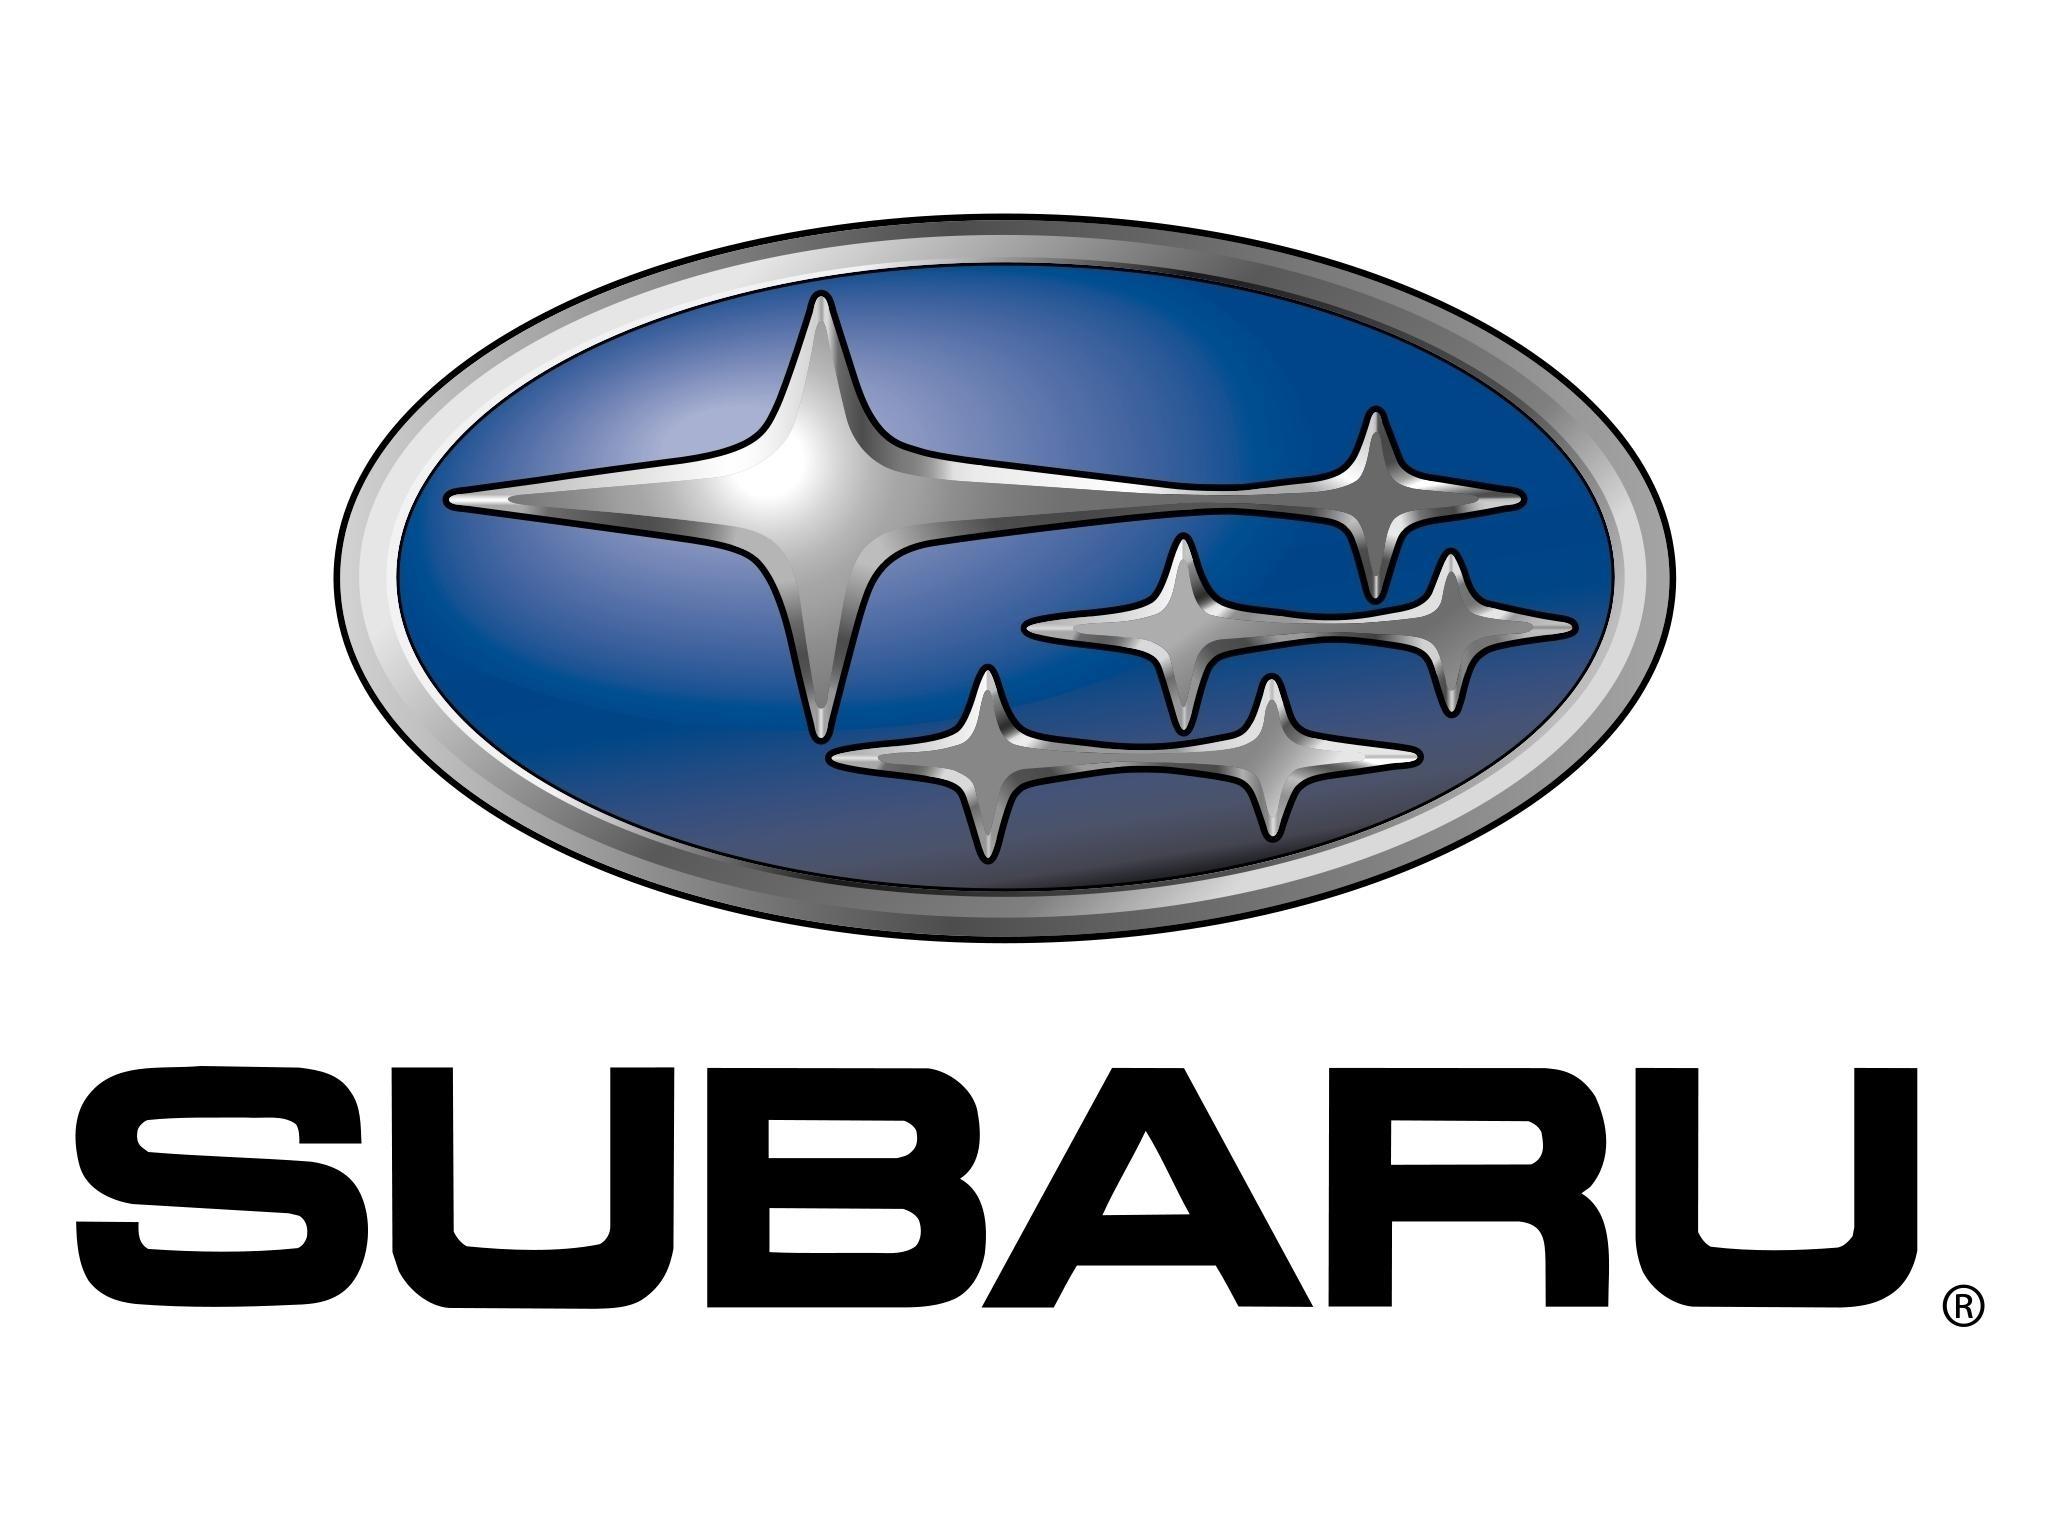 23041 скачать обои Машины, Бренды, Фон, Логотипы, Субару (Subaru) - заставки и картинки бесплатно